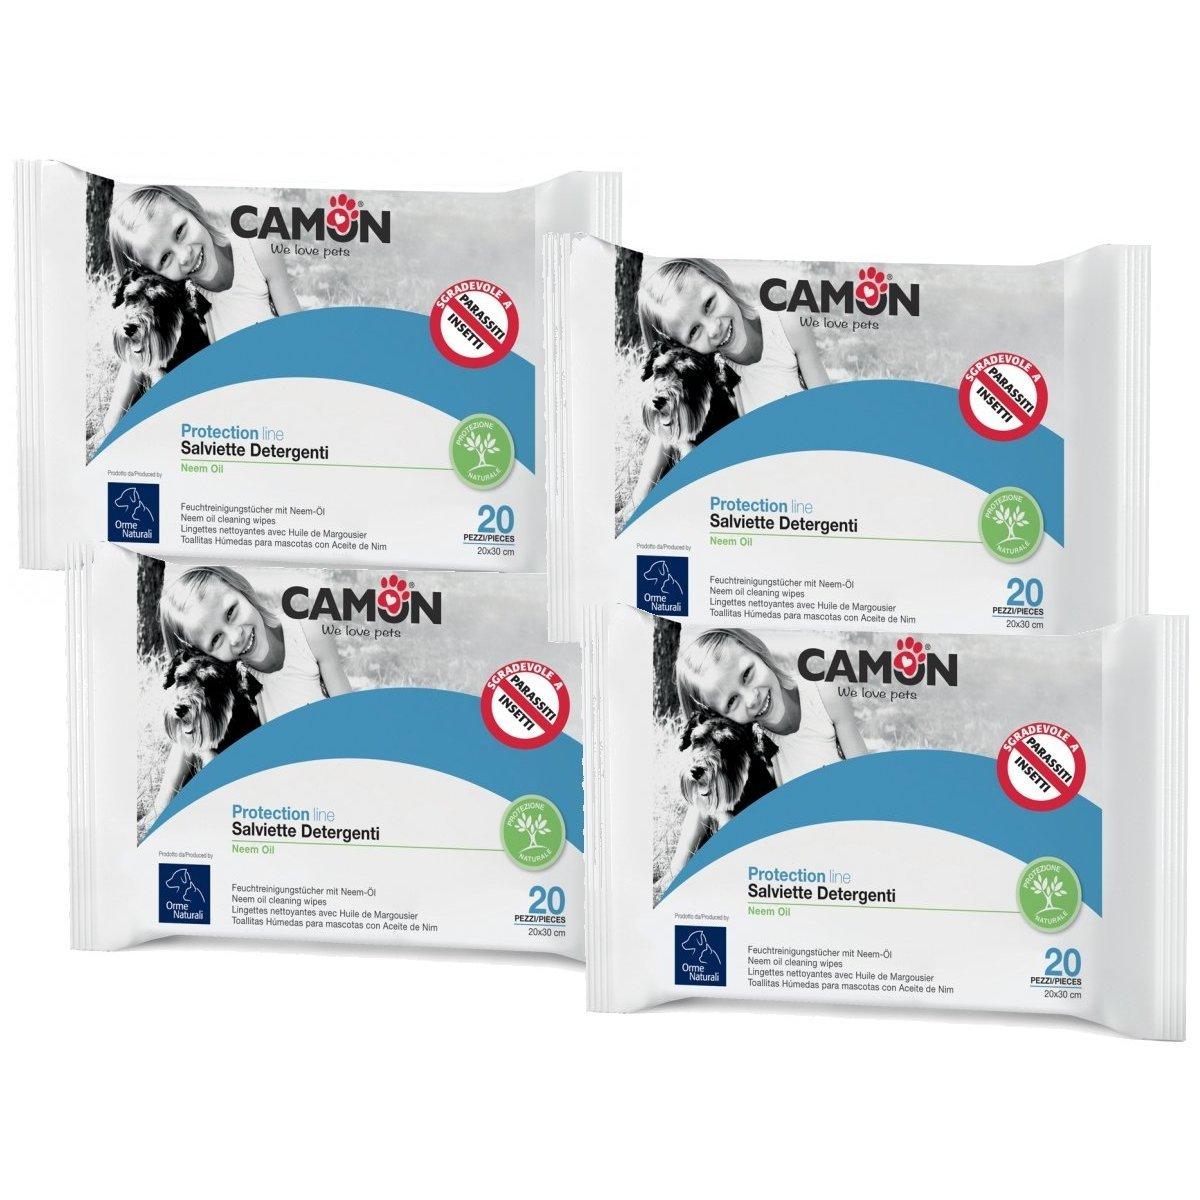 Camon Toallitas Limpiadoras antiparassitarie al aceite de neem para perros y gatos 4 paquetes: Amazon.es: Productos para mascotas